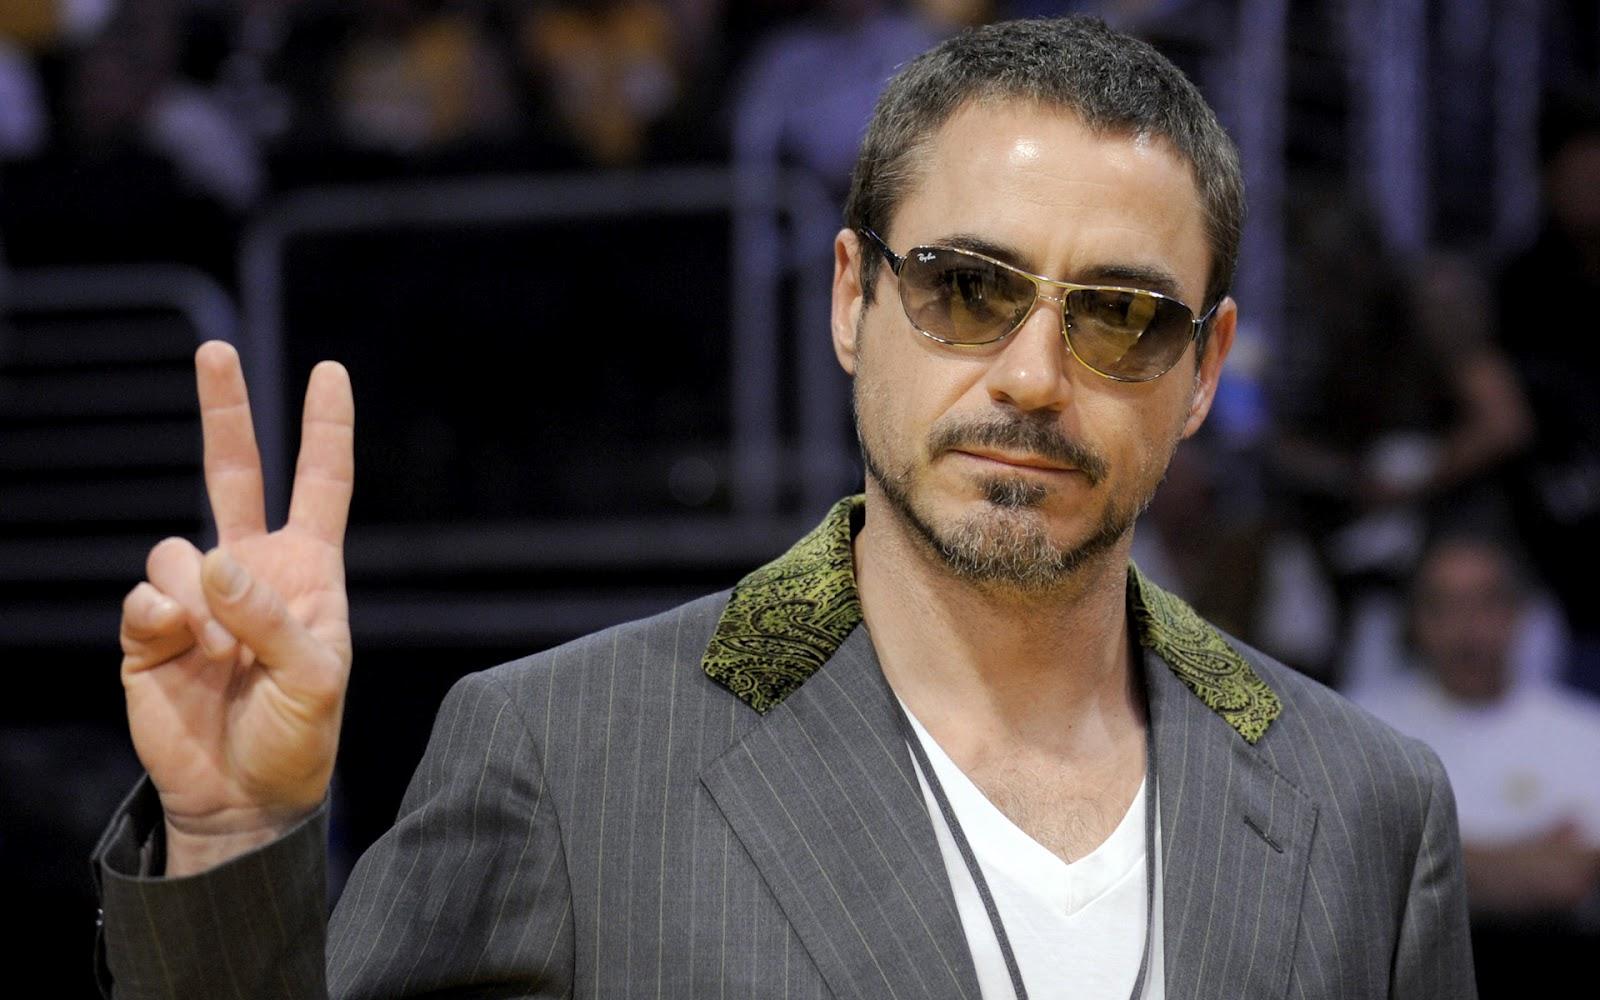 http://3.bp.blogspot.com/-3f7CYY5H0xg/T8XM532Ev2I/AAAAAAAACkE/SUmsDDxd7ZU/s1600/Robert-Downey-Jr-2.jpg